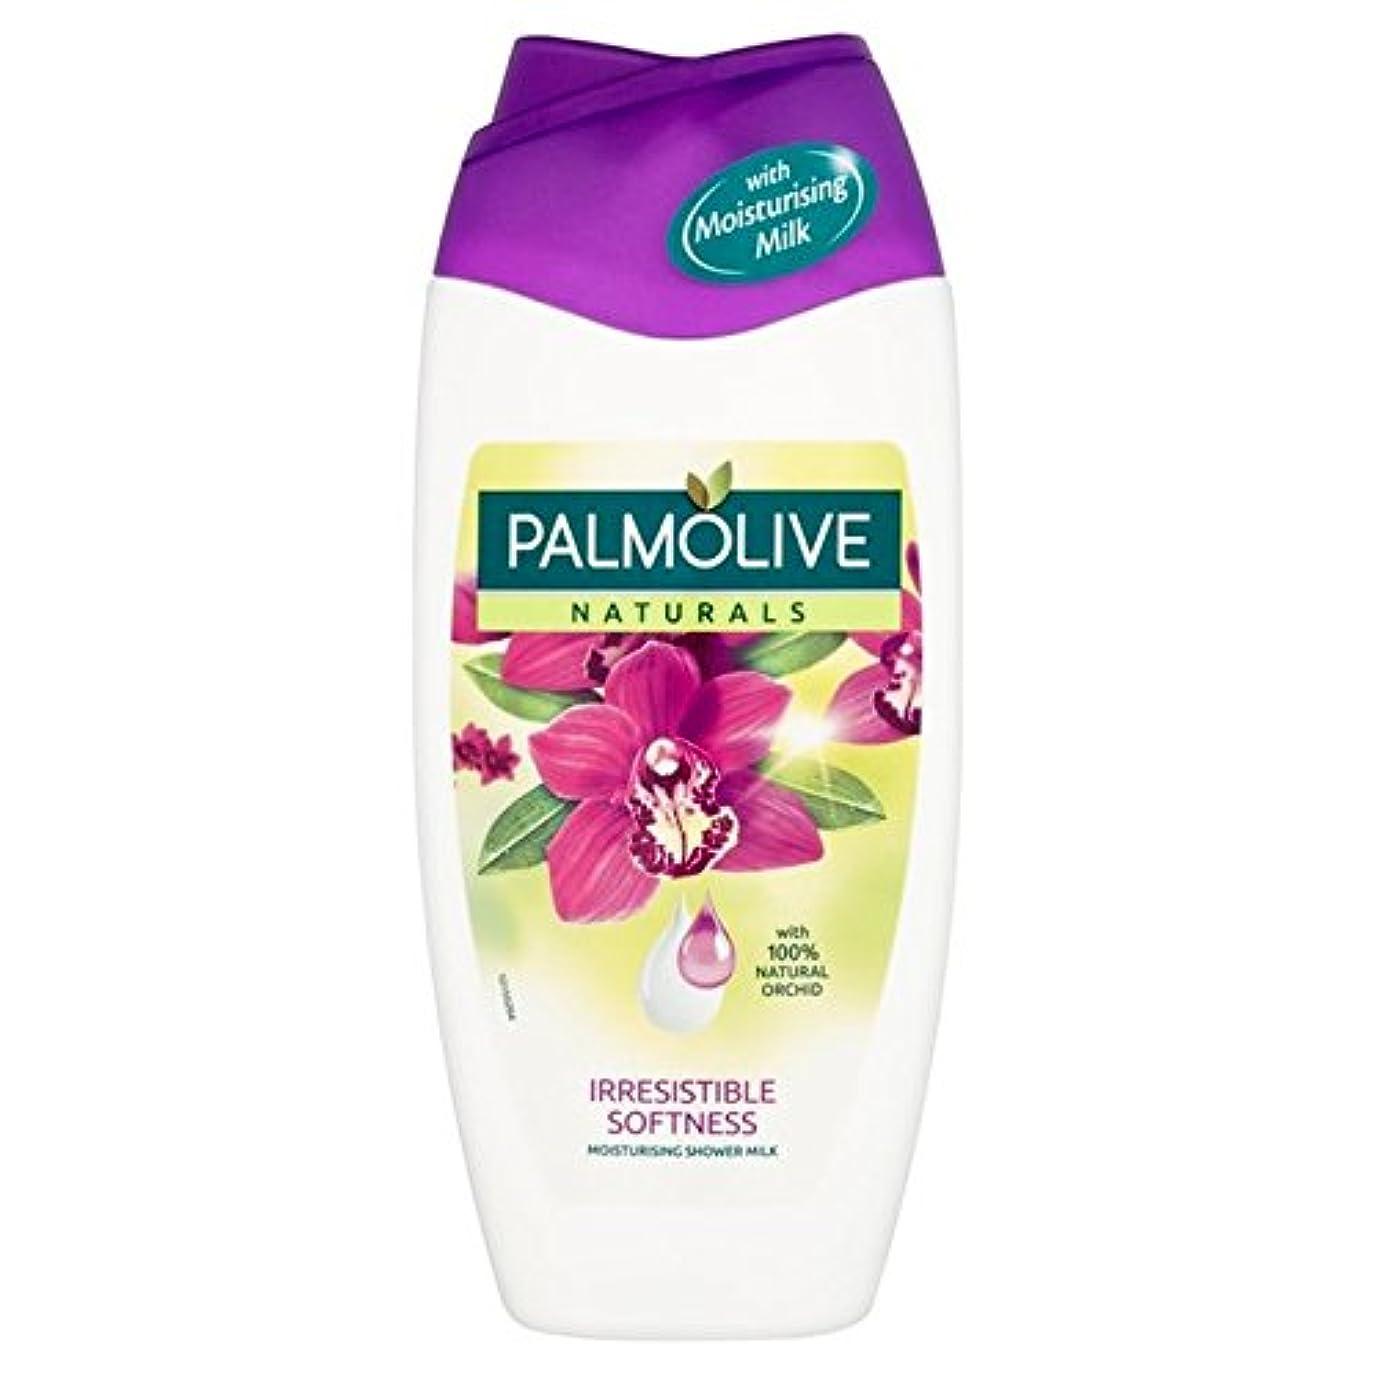 不正確アート原点Palmolive Naturals Shower Black Orchid 250ml - パルモナチュラルシャワー黒蘭の250ミリリットル [並行輸入品]